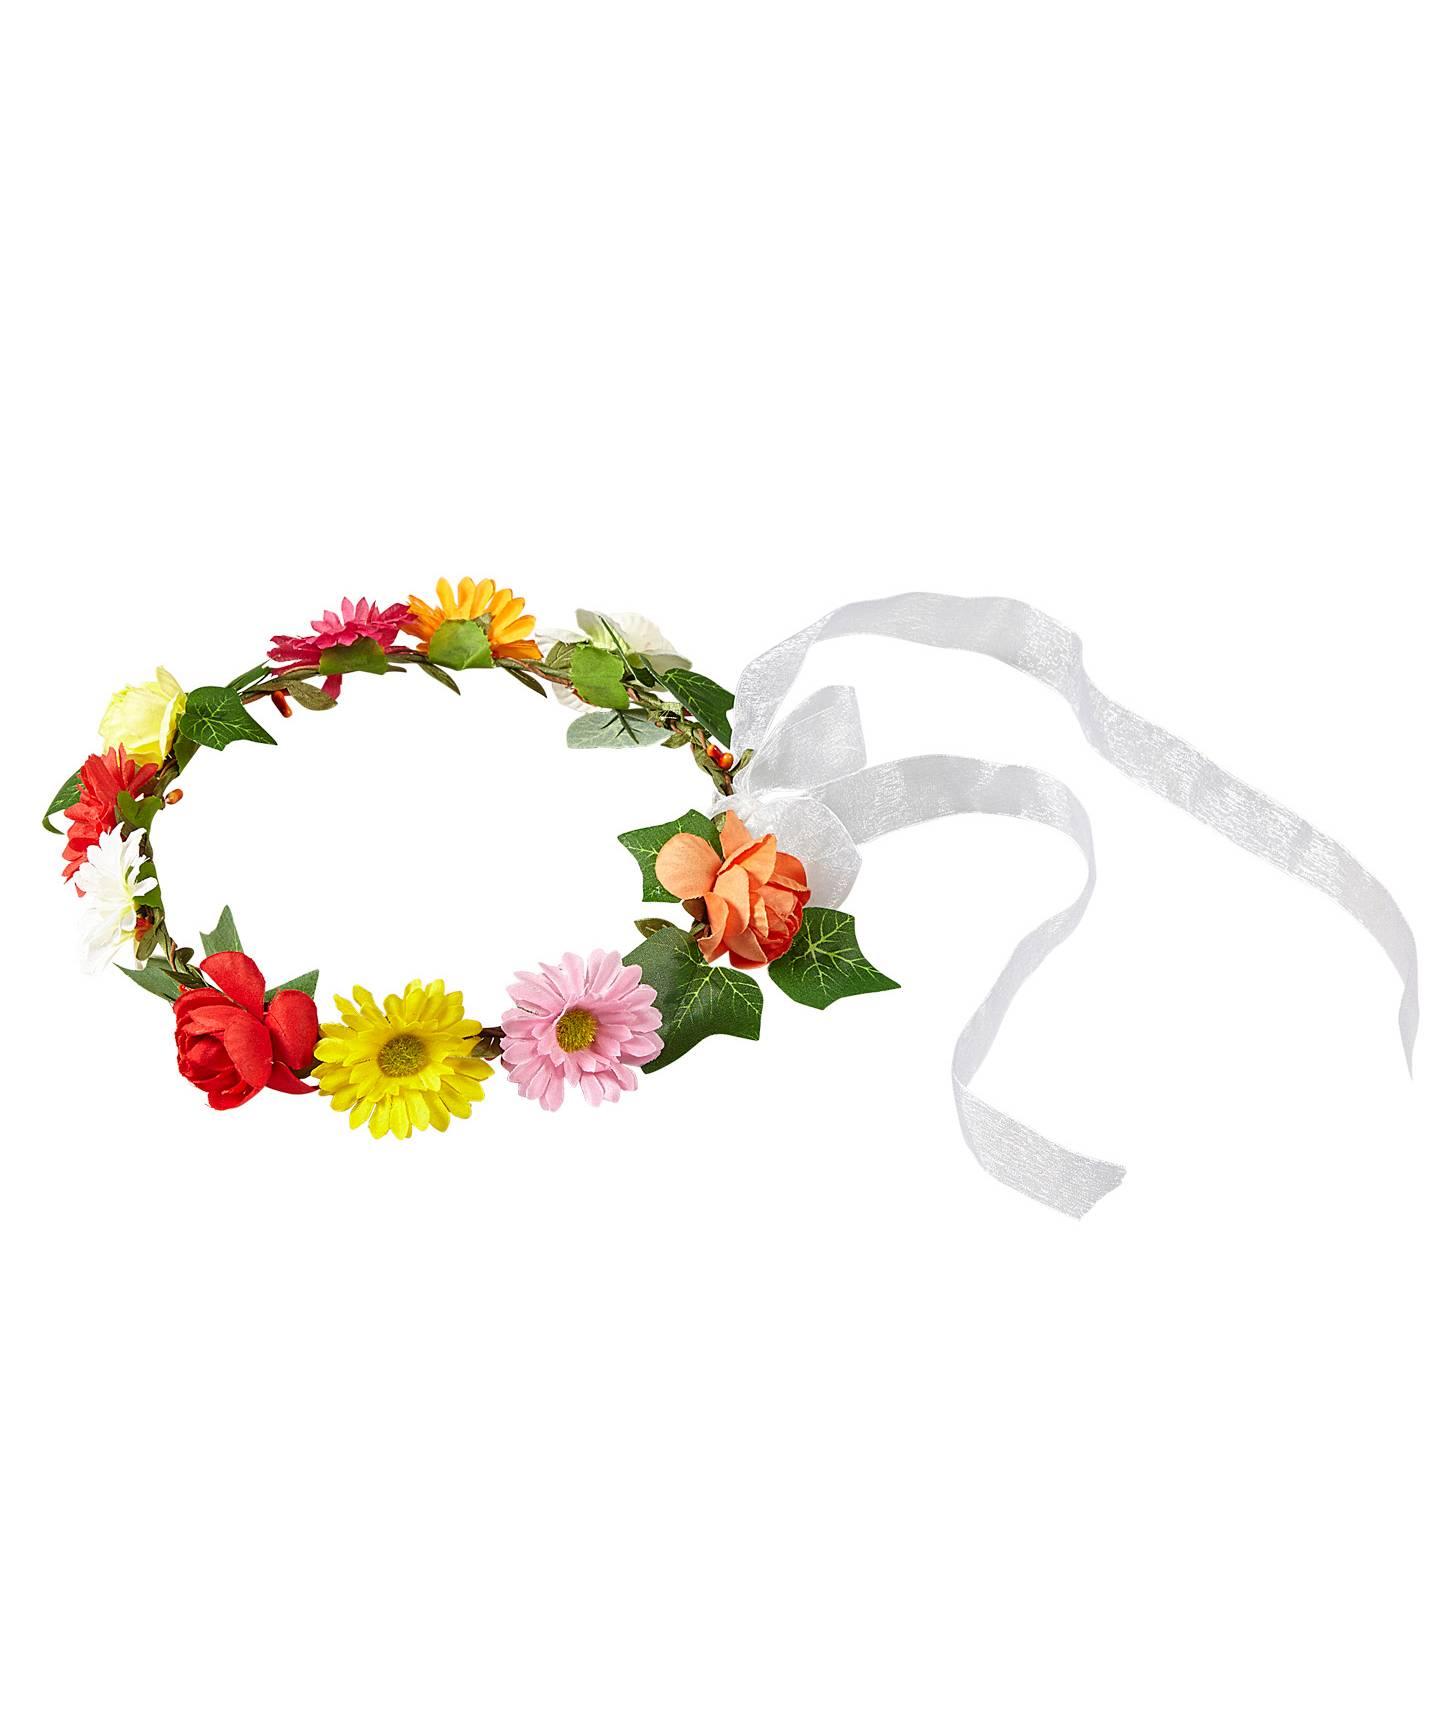 Couronne de fleurs ax1456 for Couronne de fleurs